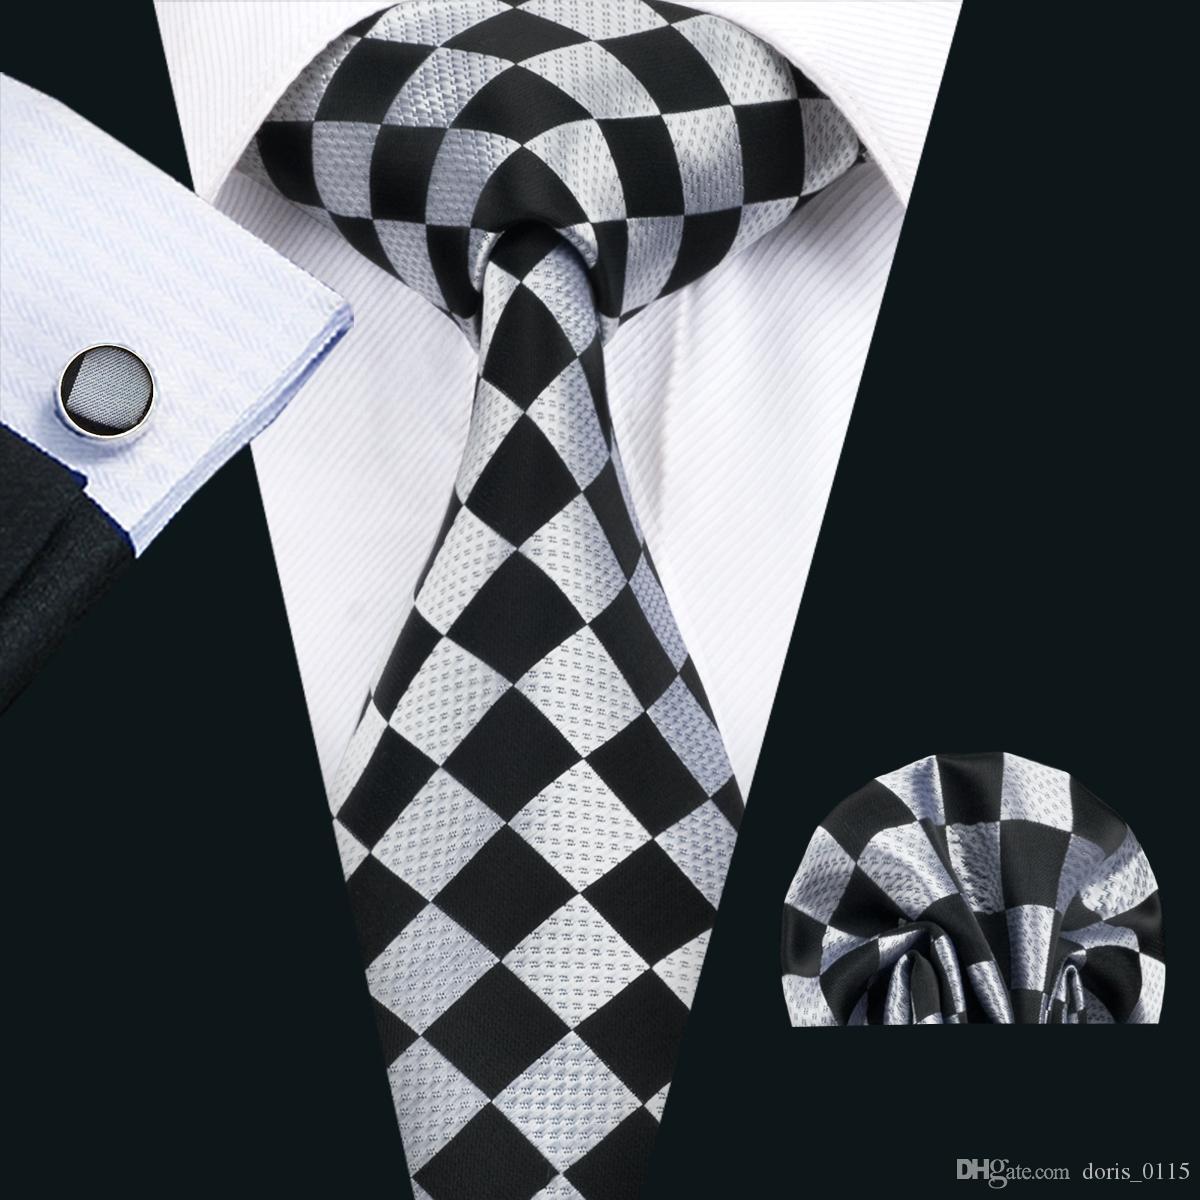 الكلاسيكية الحرير رجل العلاقات البلايد مجموعات ربطة العنق سوداء التعادل المنديل cufflinks مجموعة جاكار نسج اجتماع الأعمال حفل زفاف N-1441